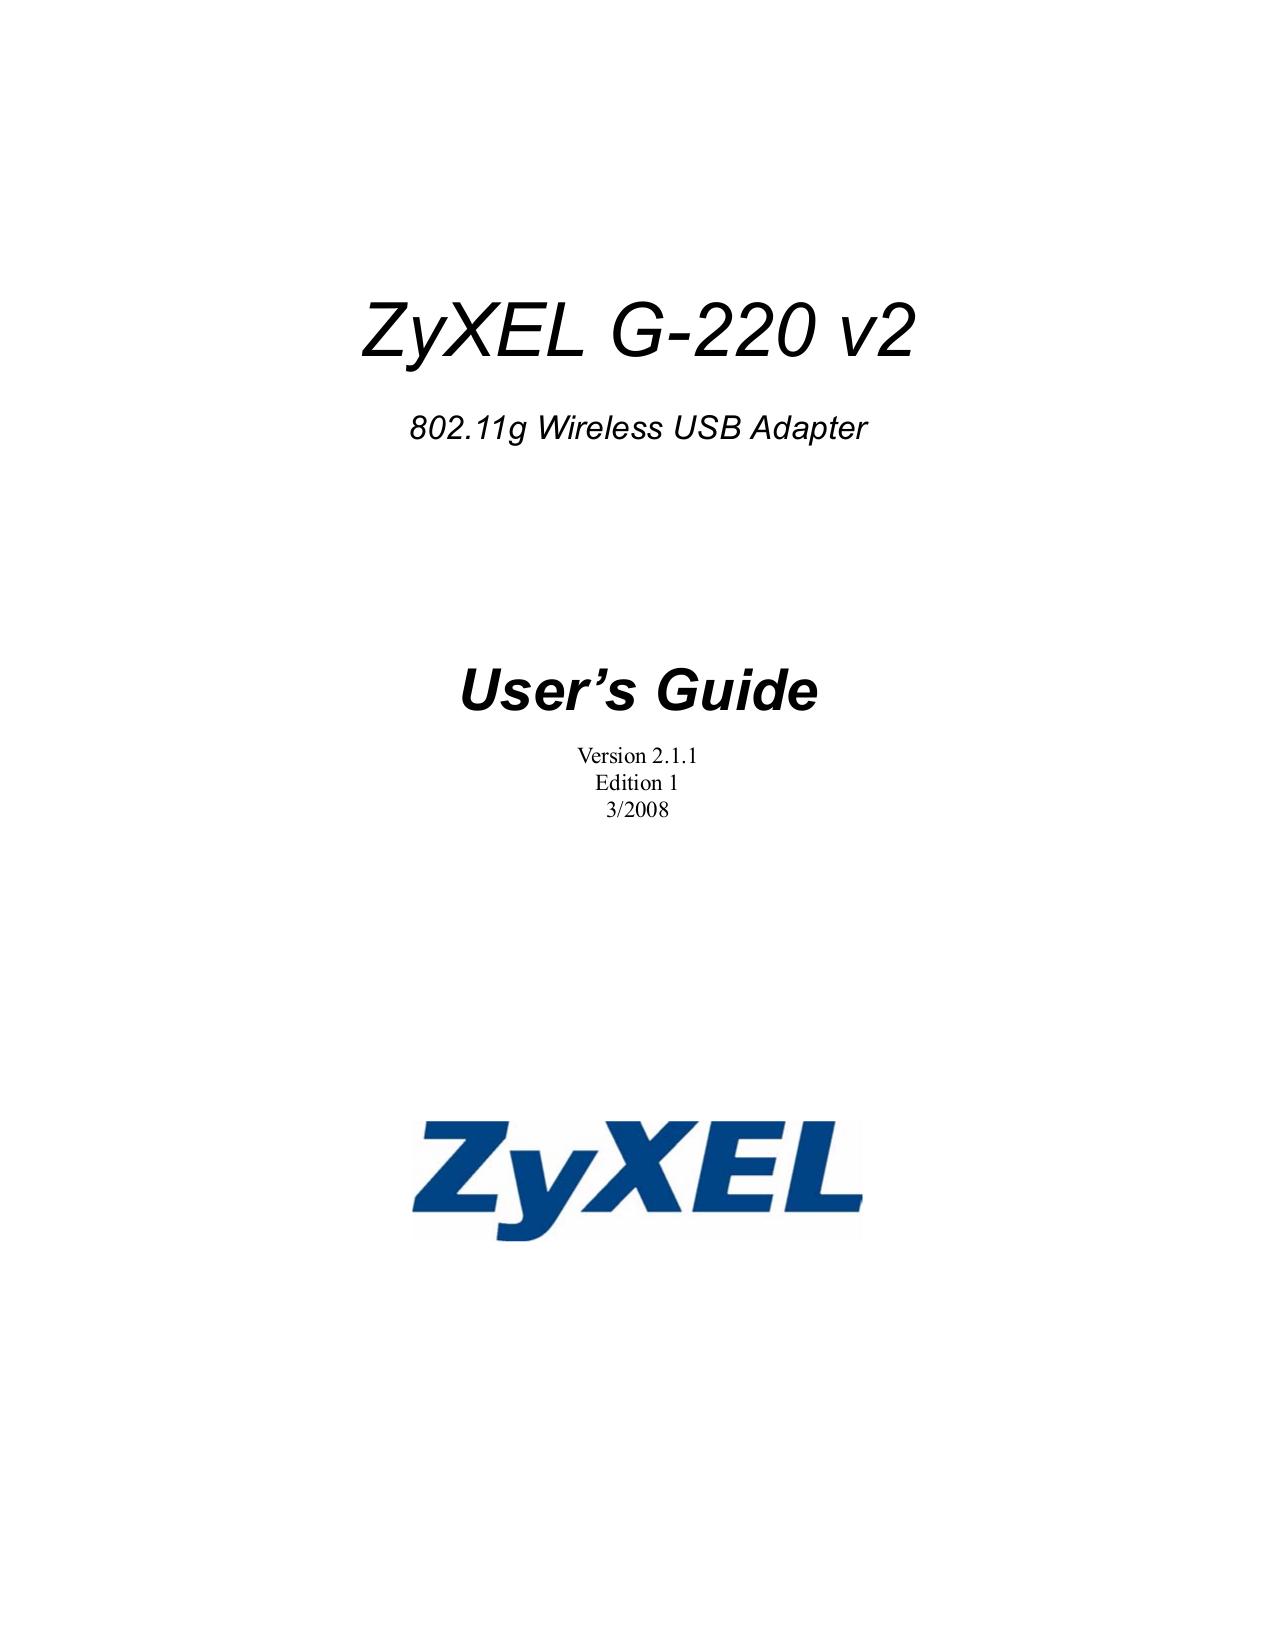 Zyxel zyair g-220 xp driver crew-instruction.